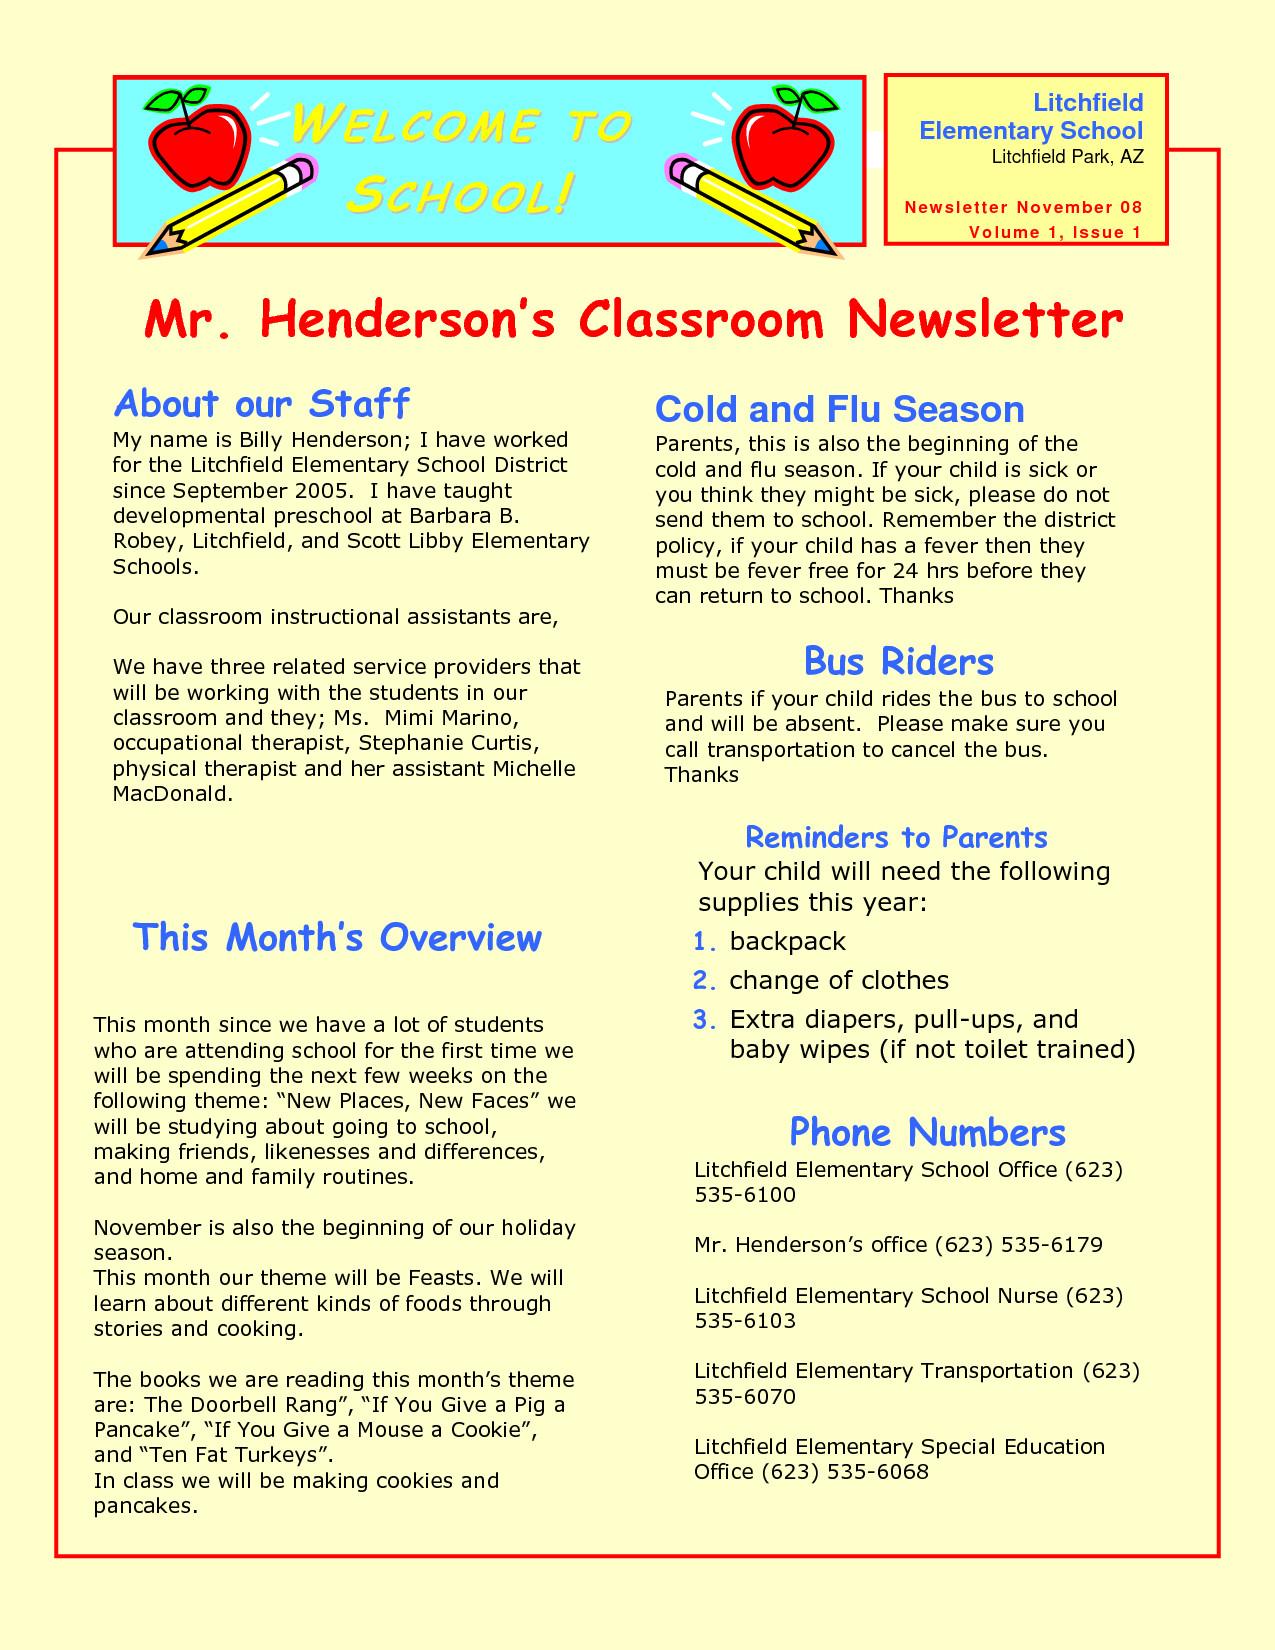 Newsletter Templates for Preschool Preschool Newsletter Samples